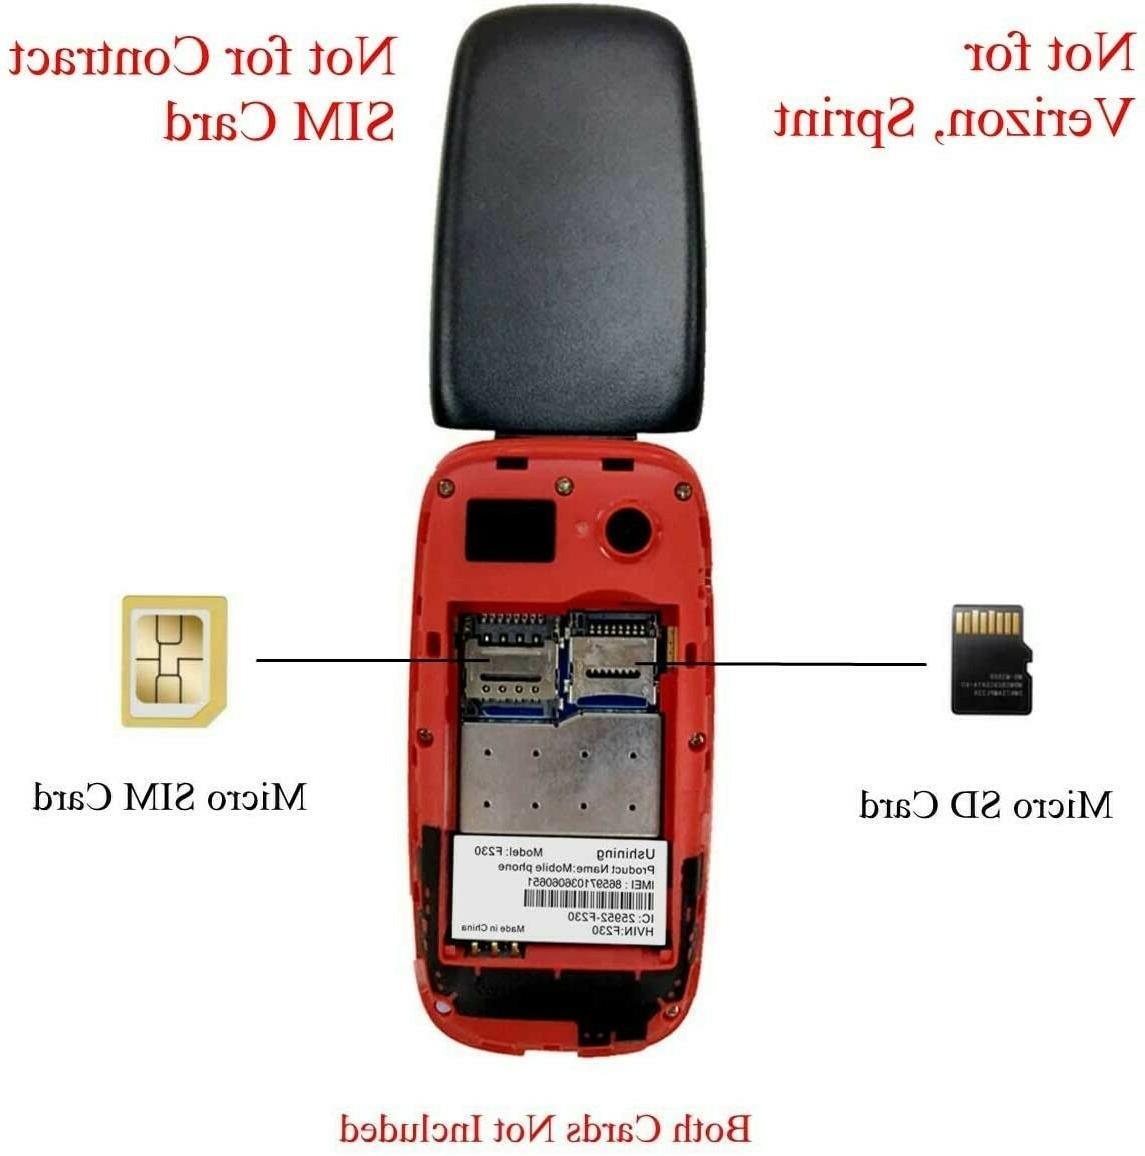 Ushining F230 3G Unlocked Tmobile Flip Icon Phone